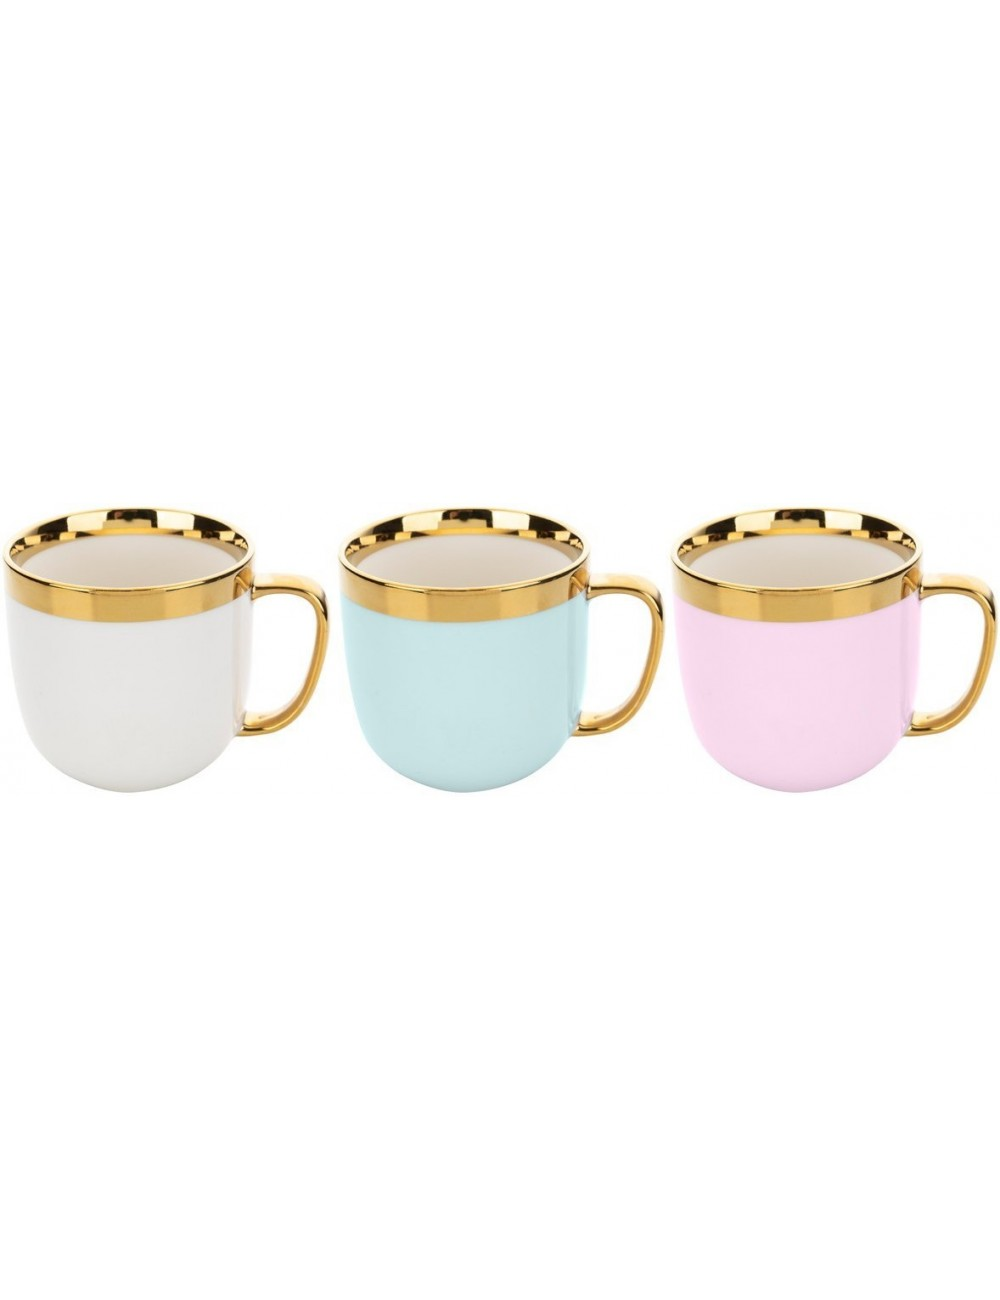 Kubek z Trwałej Ceramiki Wykończony Złotym Rantem oraz Uchem 530 ml Mix Kolorów Golden Ring Florina 1 szt